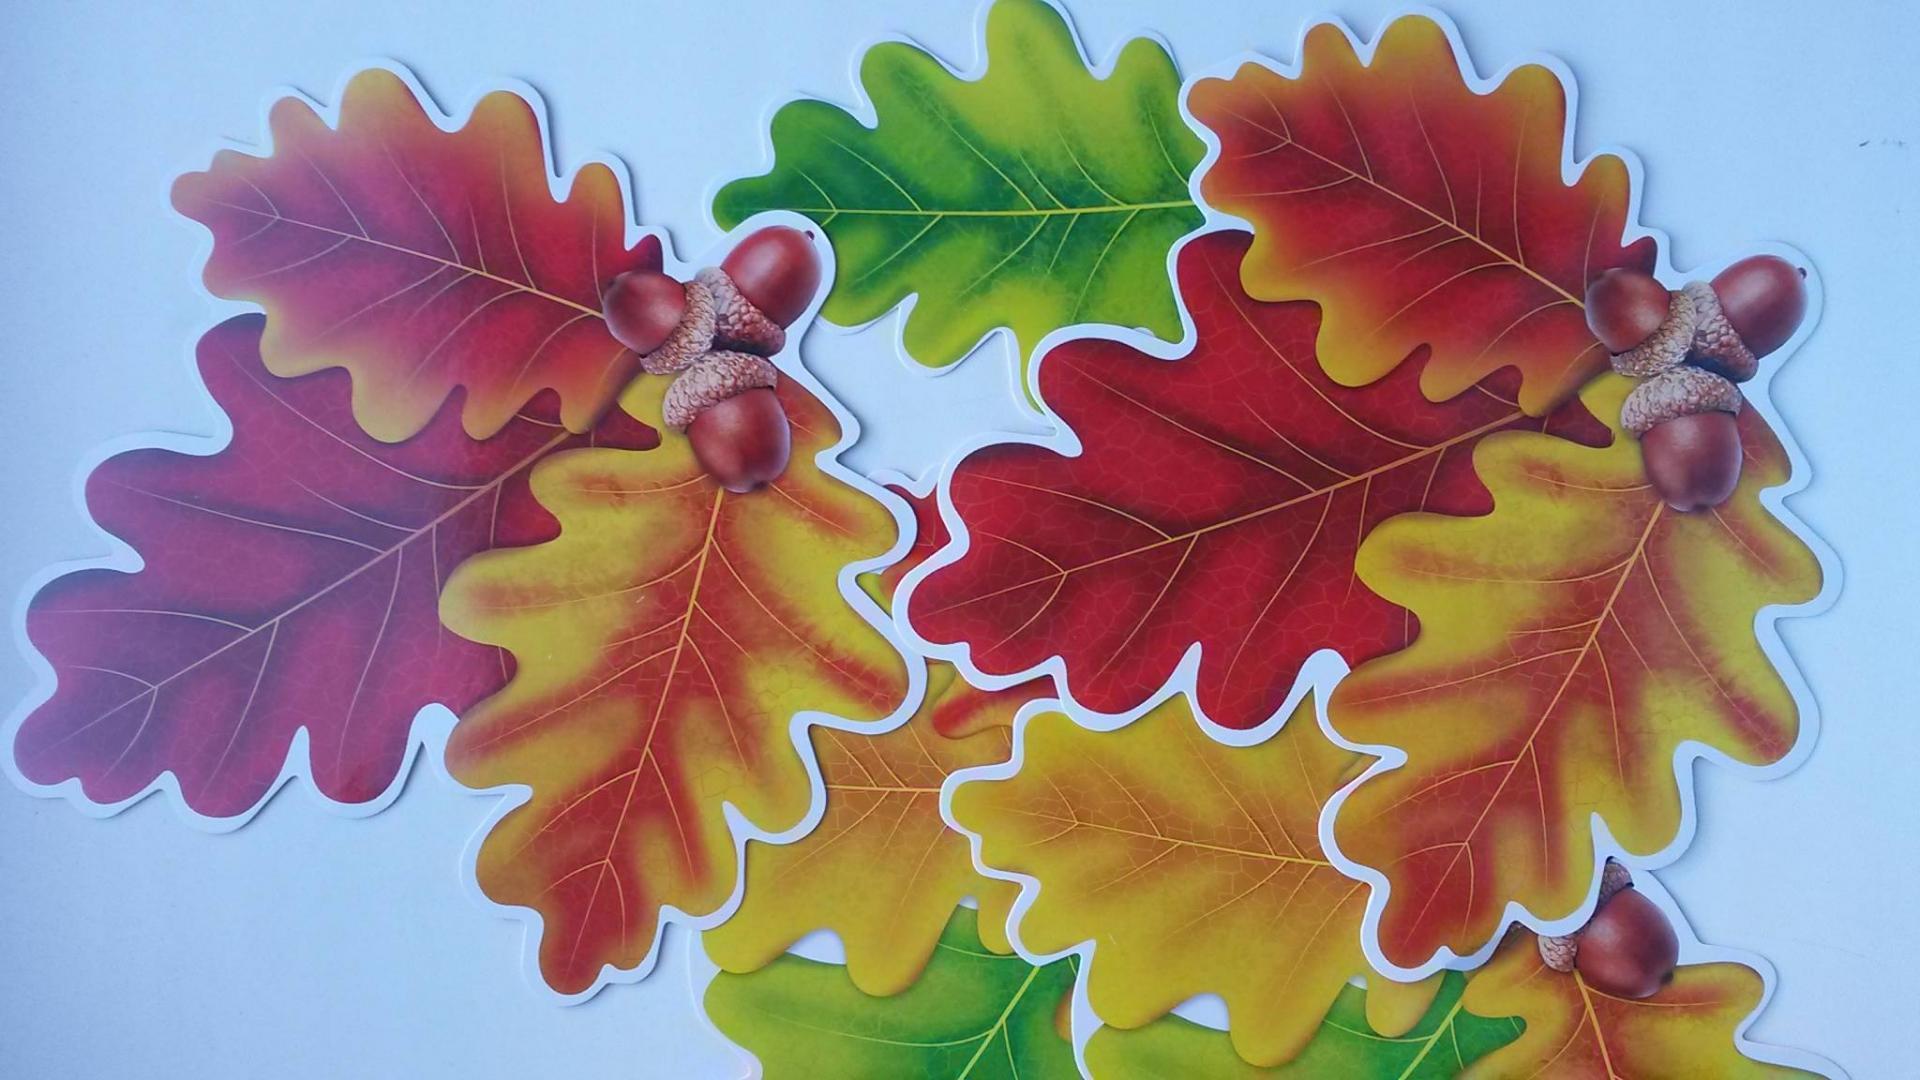 осенние листья дуба картинки для оформления распечатать и вырезать